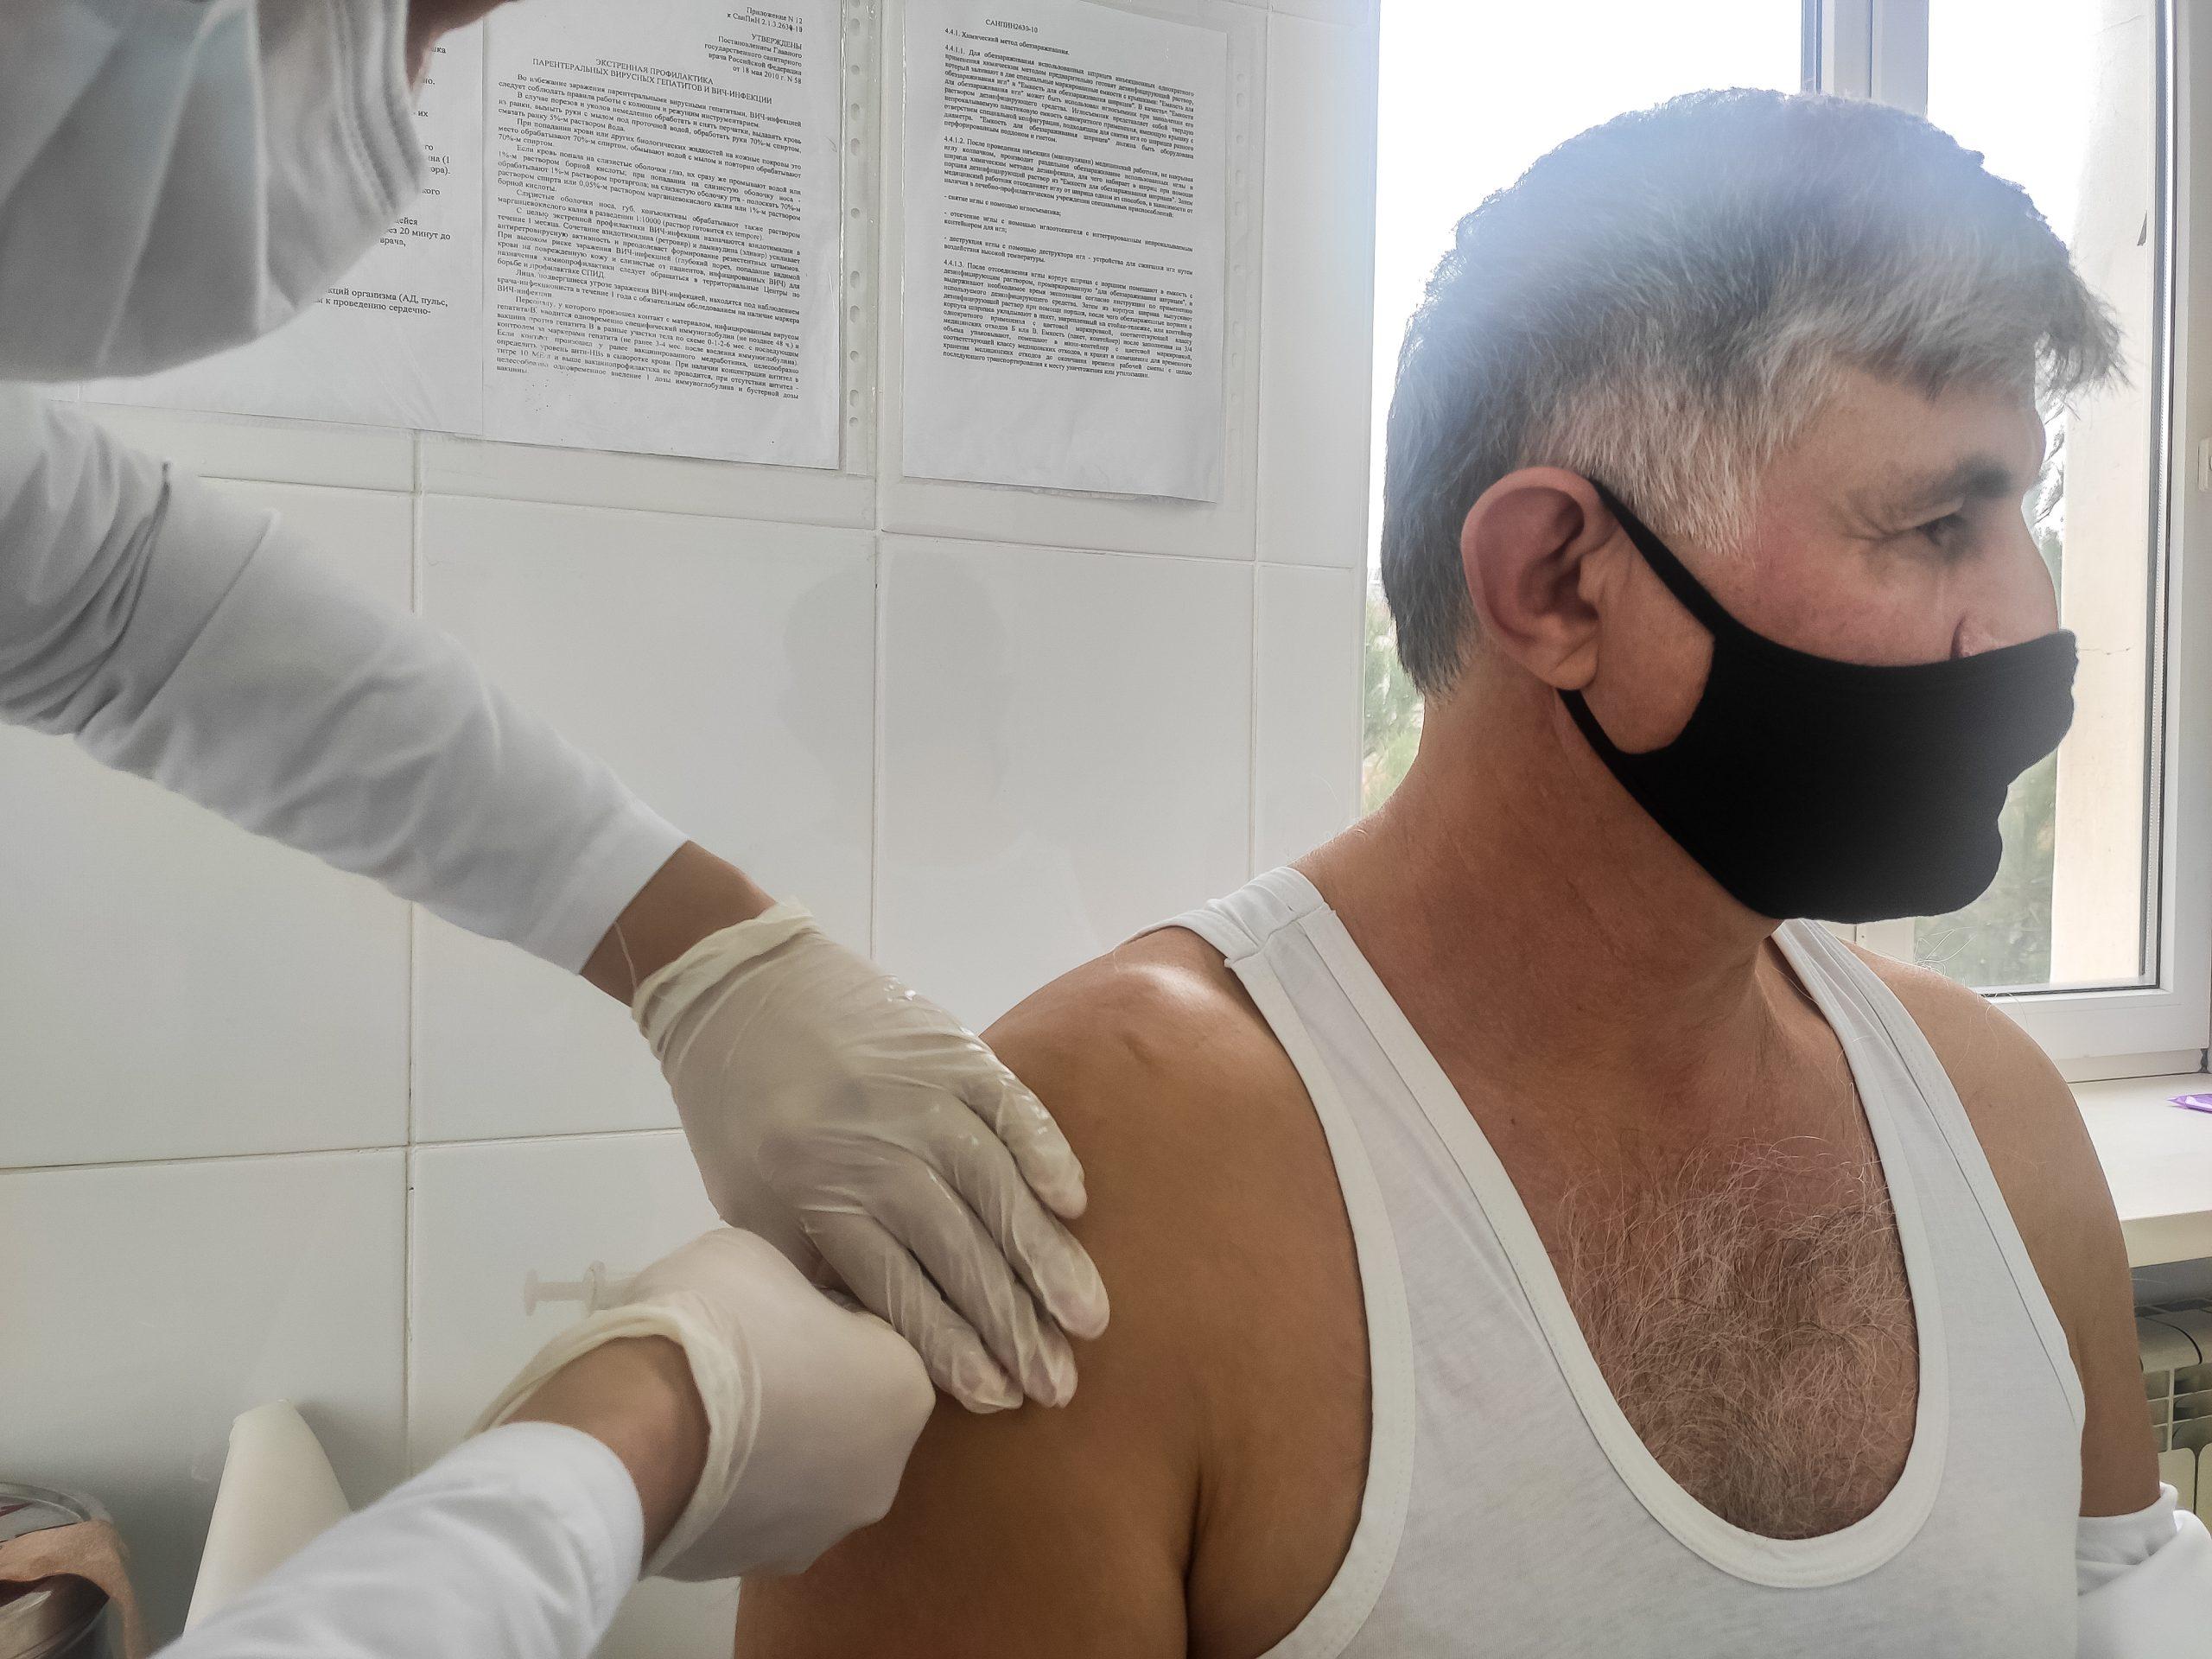 Чтоб «корона» не мешала. Как перенесли вакцинацию от ковида первые привившиеся в Дагестане